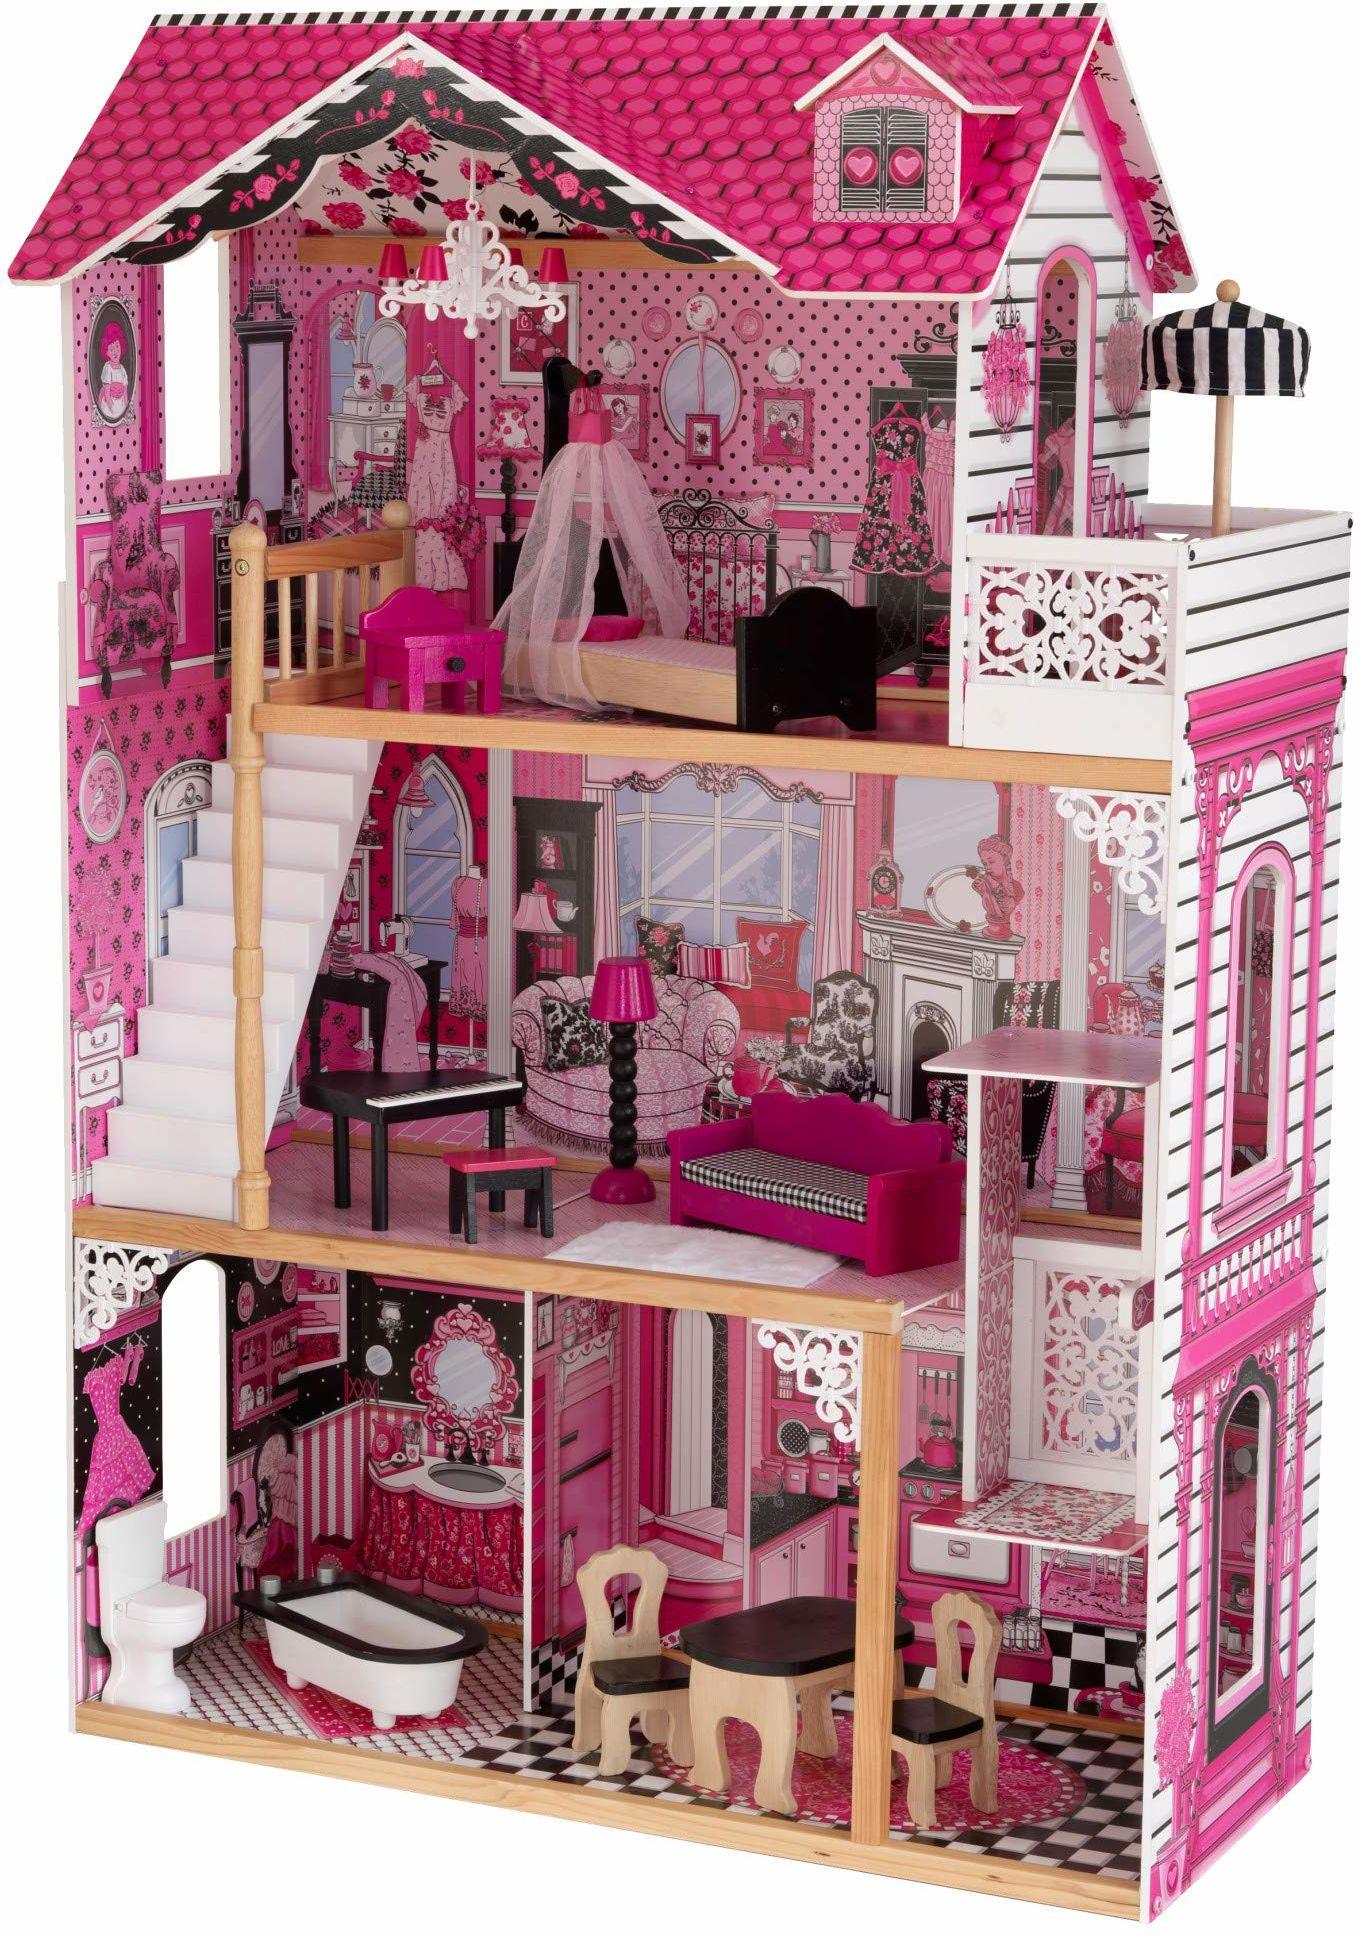 KidKraft 65093 domek dla lalek Amelia, wielokolorowy